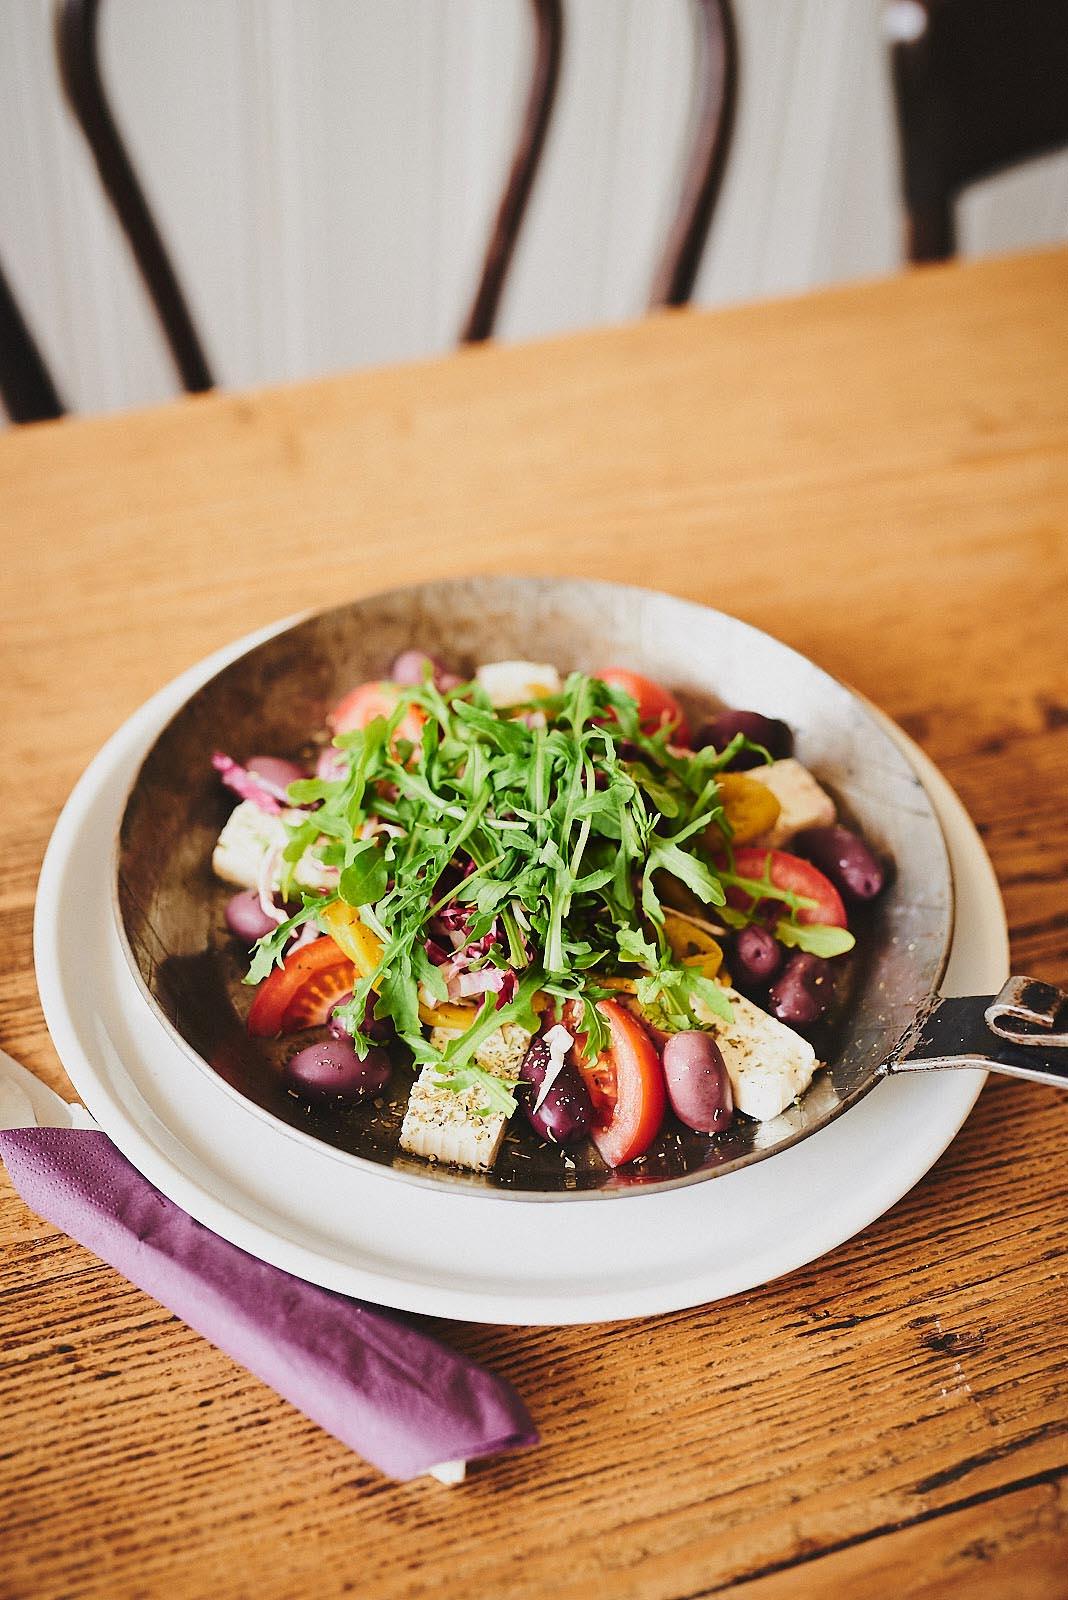 Griechischer Salat mit Feta und Oliven in einer Pfanne angerichtet im Cafe Pfefferminzje in Koblenz - Foodfotografie von Anna Schneider neon fotografie